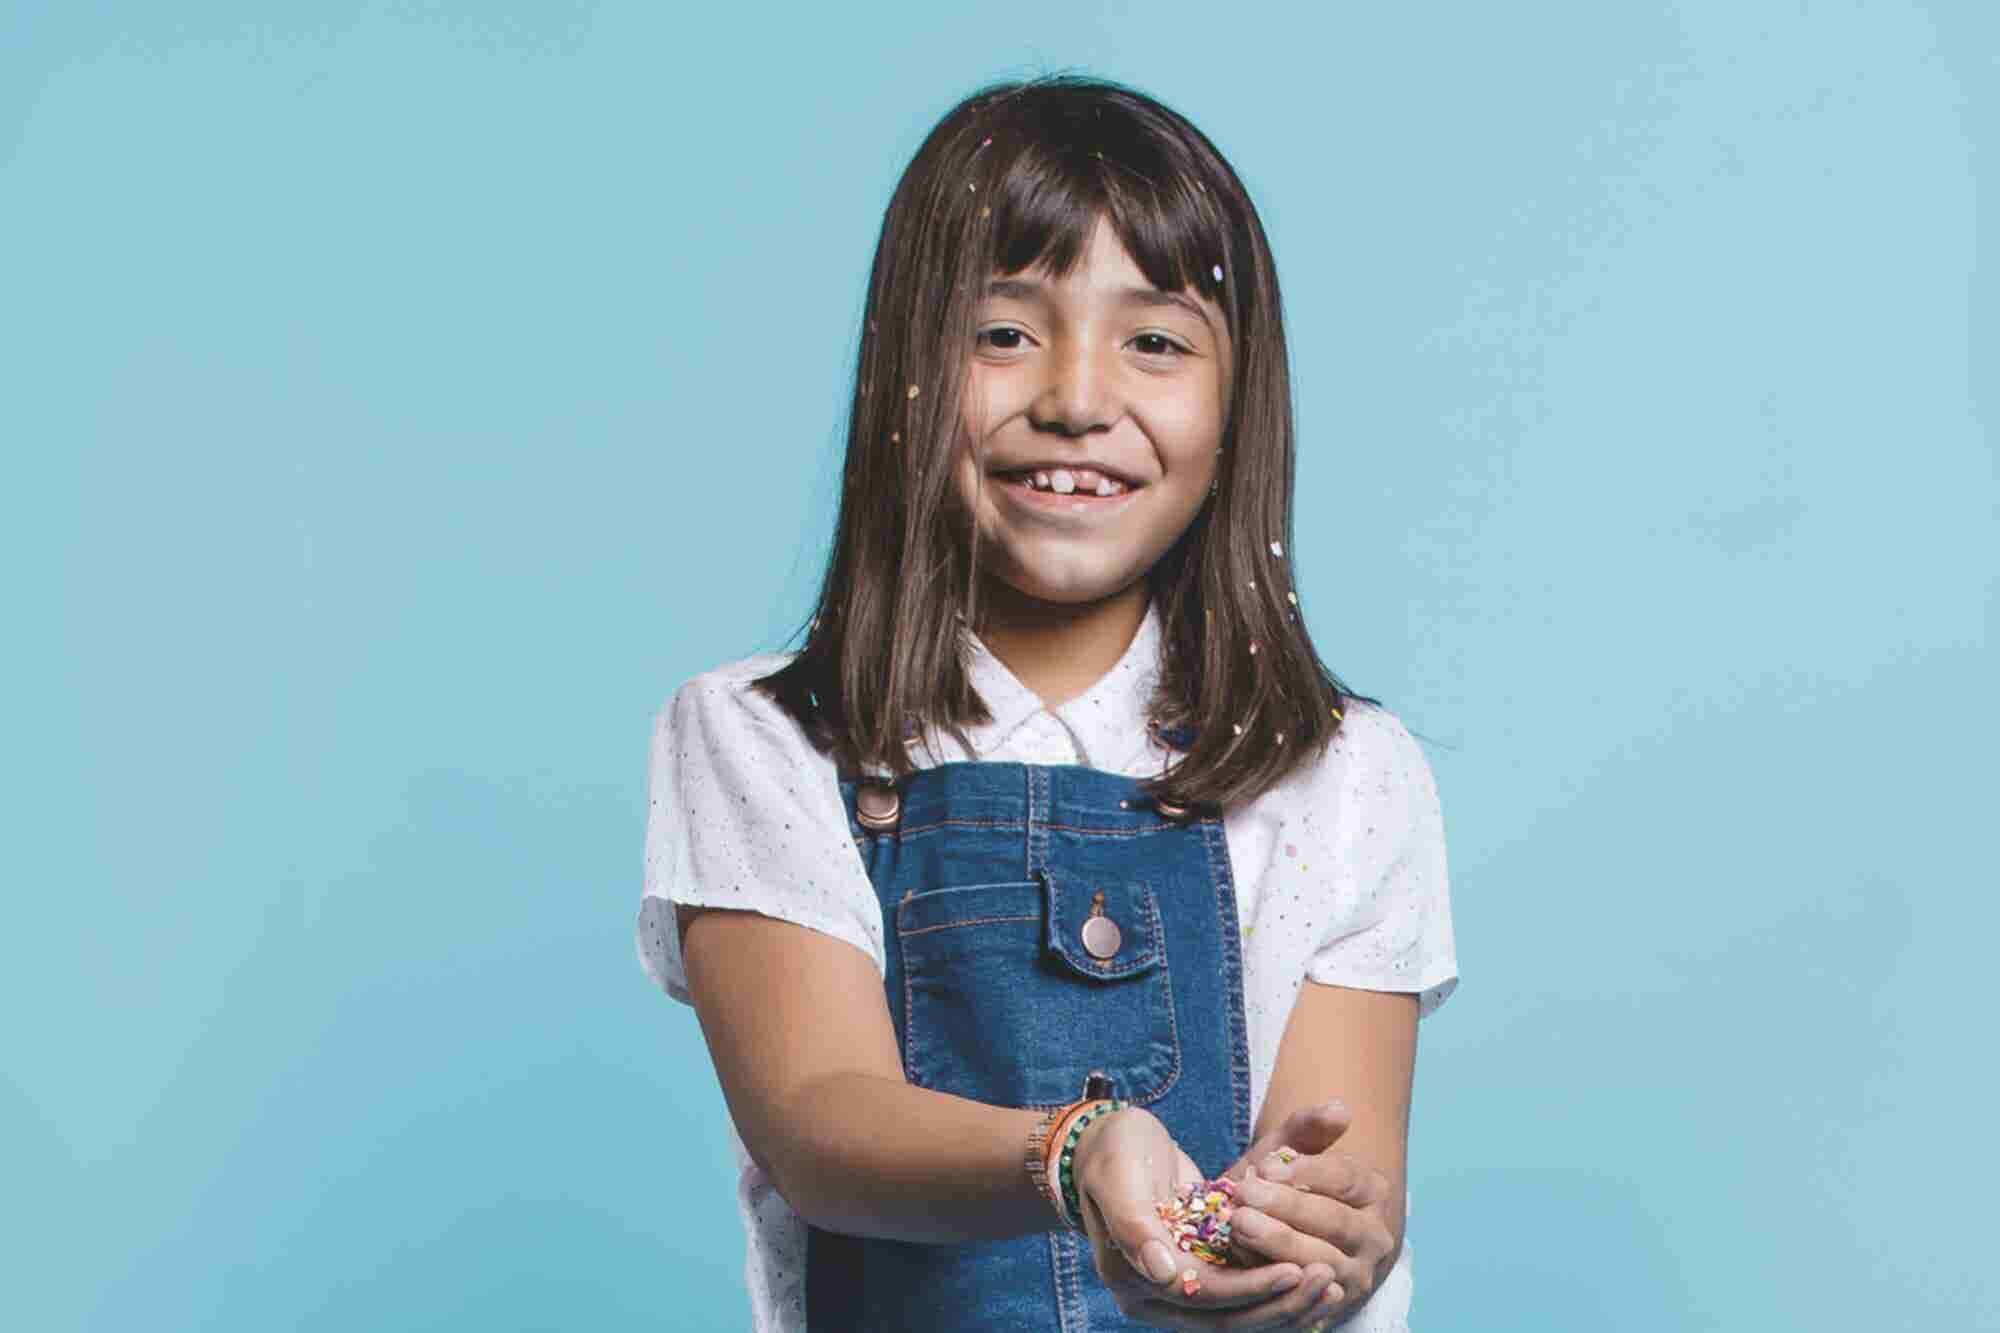 Esta pequeña ya participó en Shark Tank México; ahora está perfeccionando su negocio